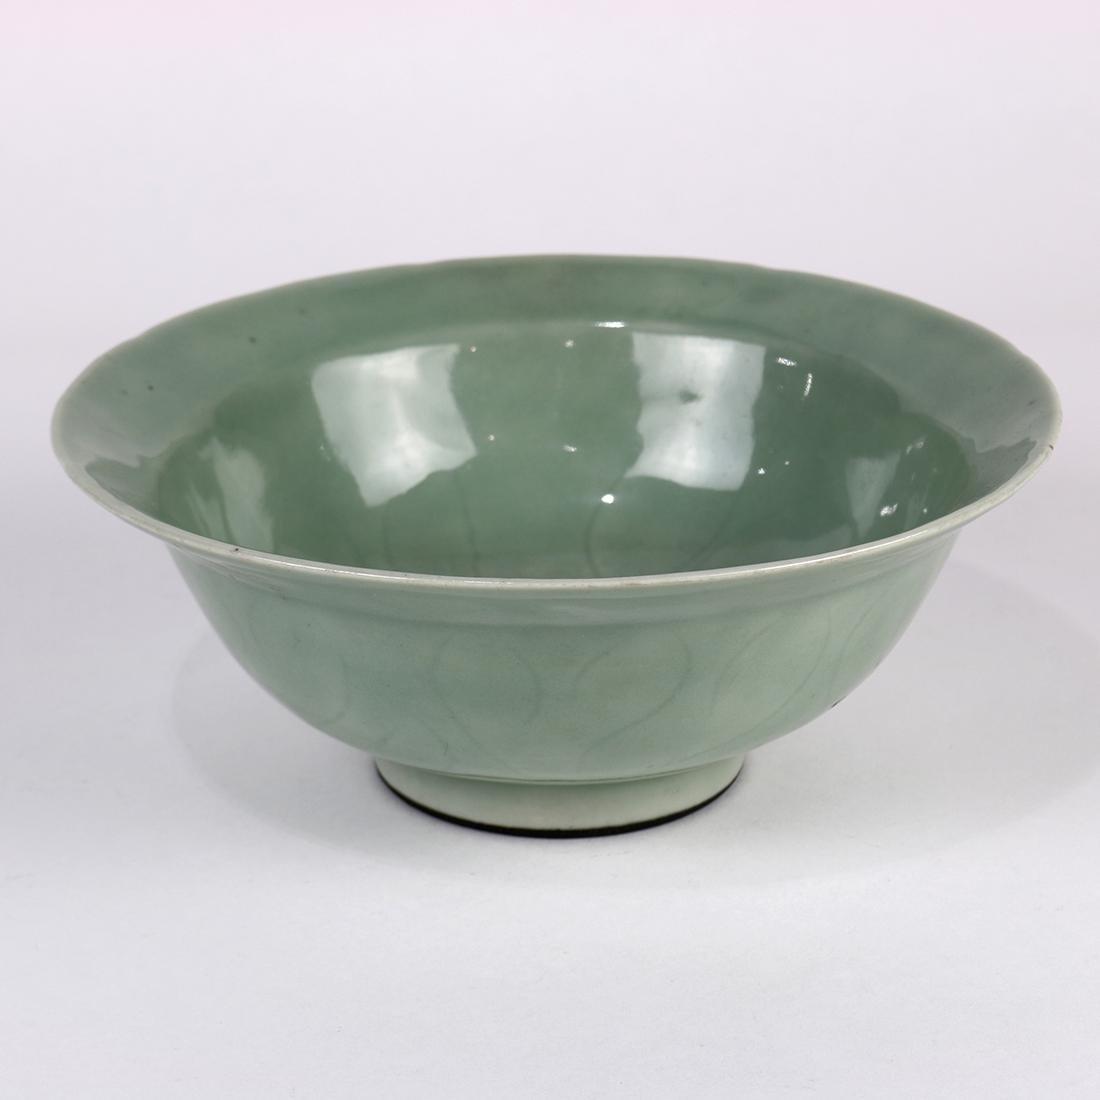 Chinese Celadon Glazed Bowl - 3